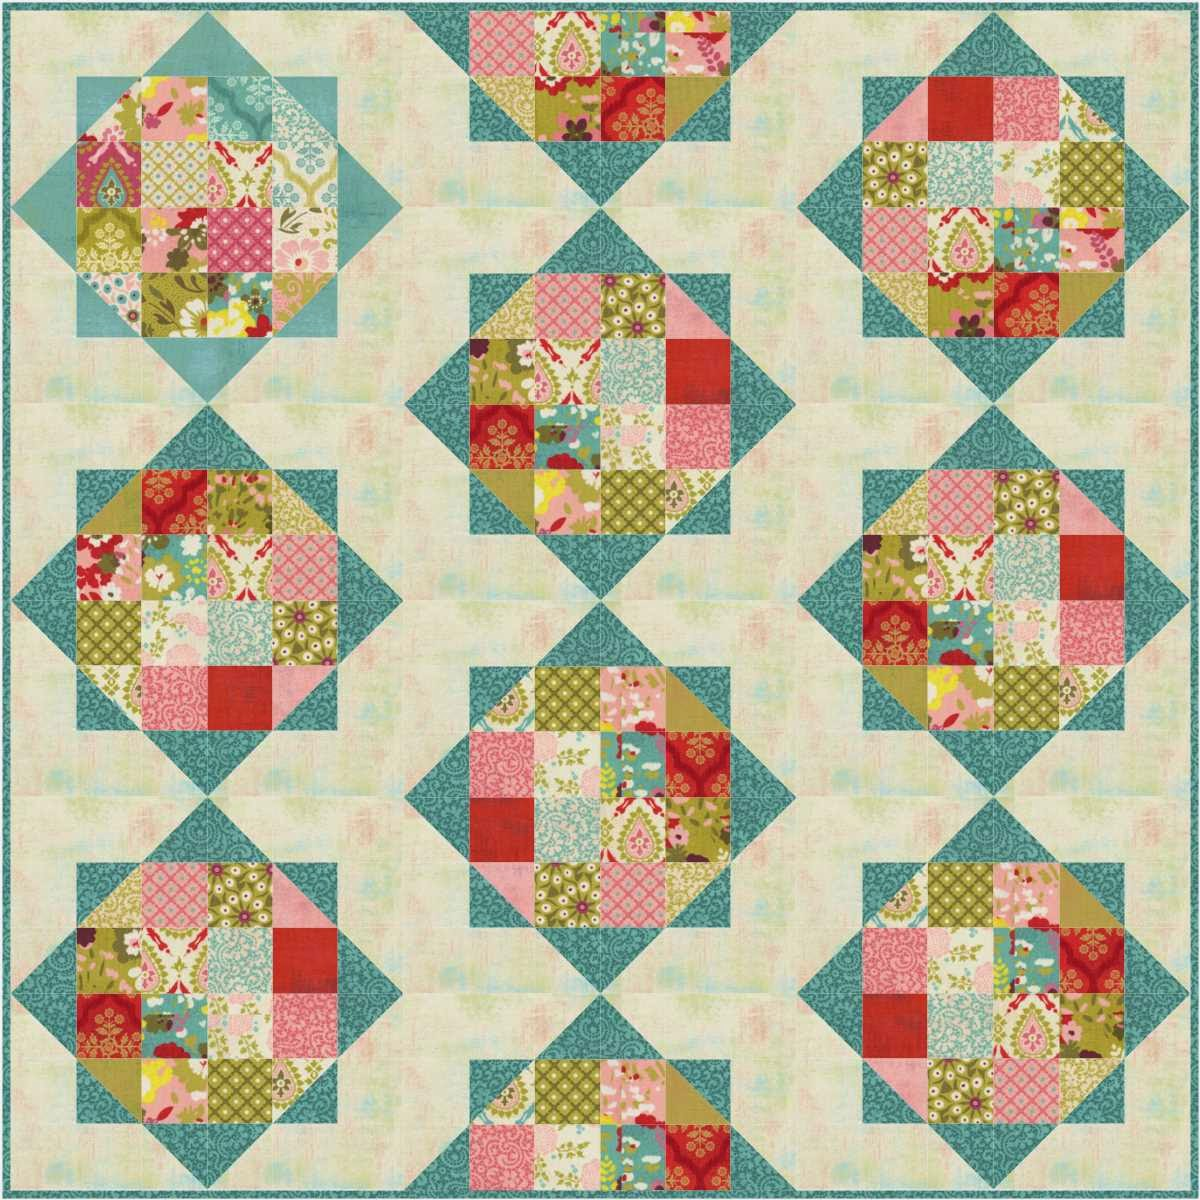 http://2.bp.blogspot.com/-CT4GMNRvm3A/U1_ykV_tY5I/AAAAAAAABhY/P3ezAd0TMFA/s1600/basic+gray+patchwork1.JPG